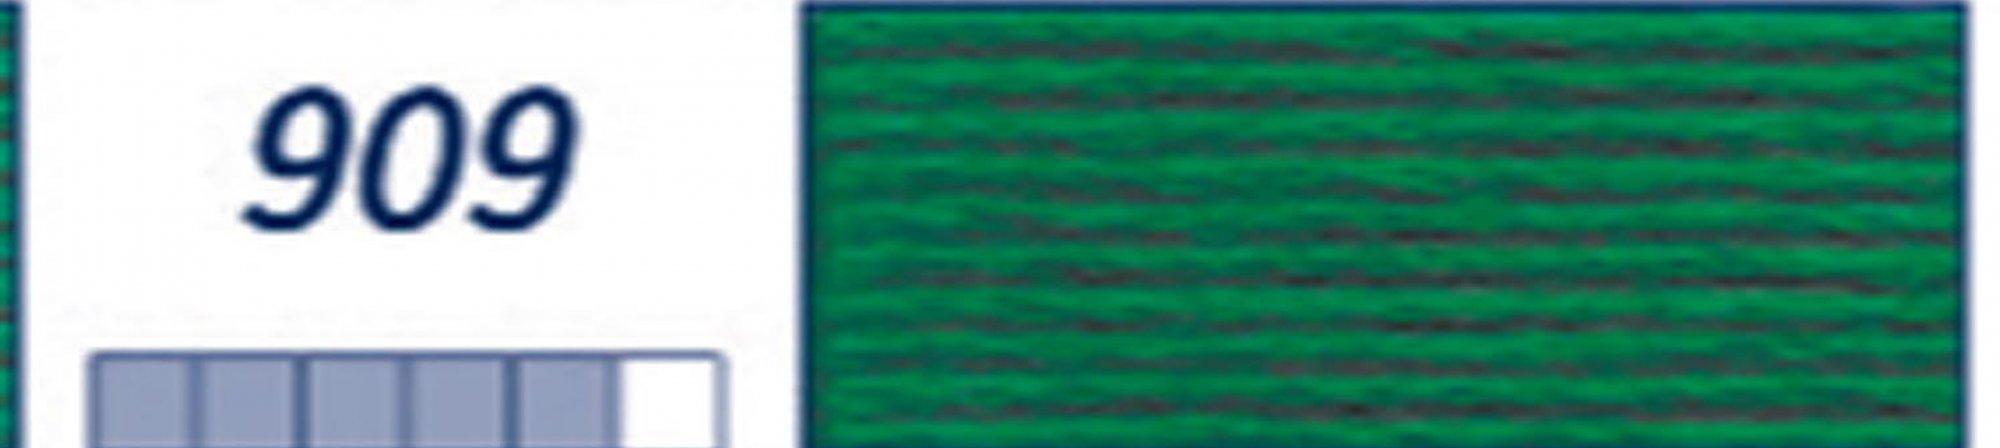 DP3-909-V DK EMERALD GREEN